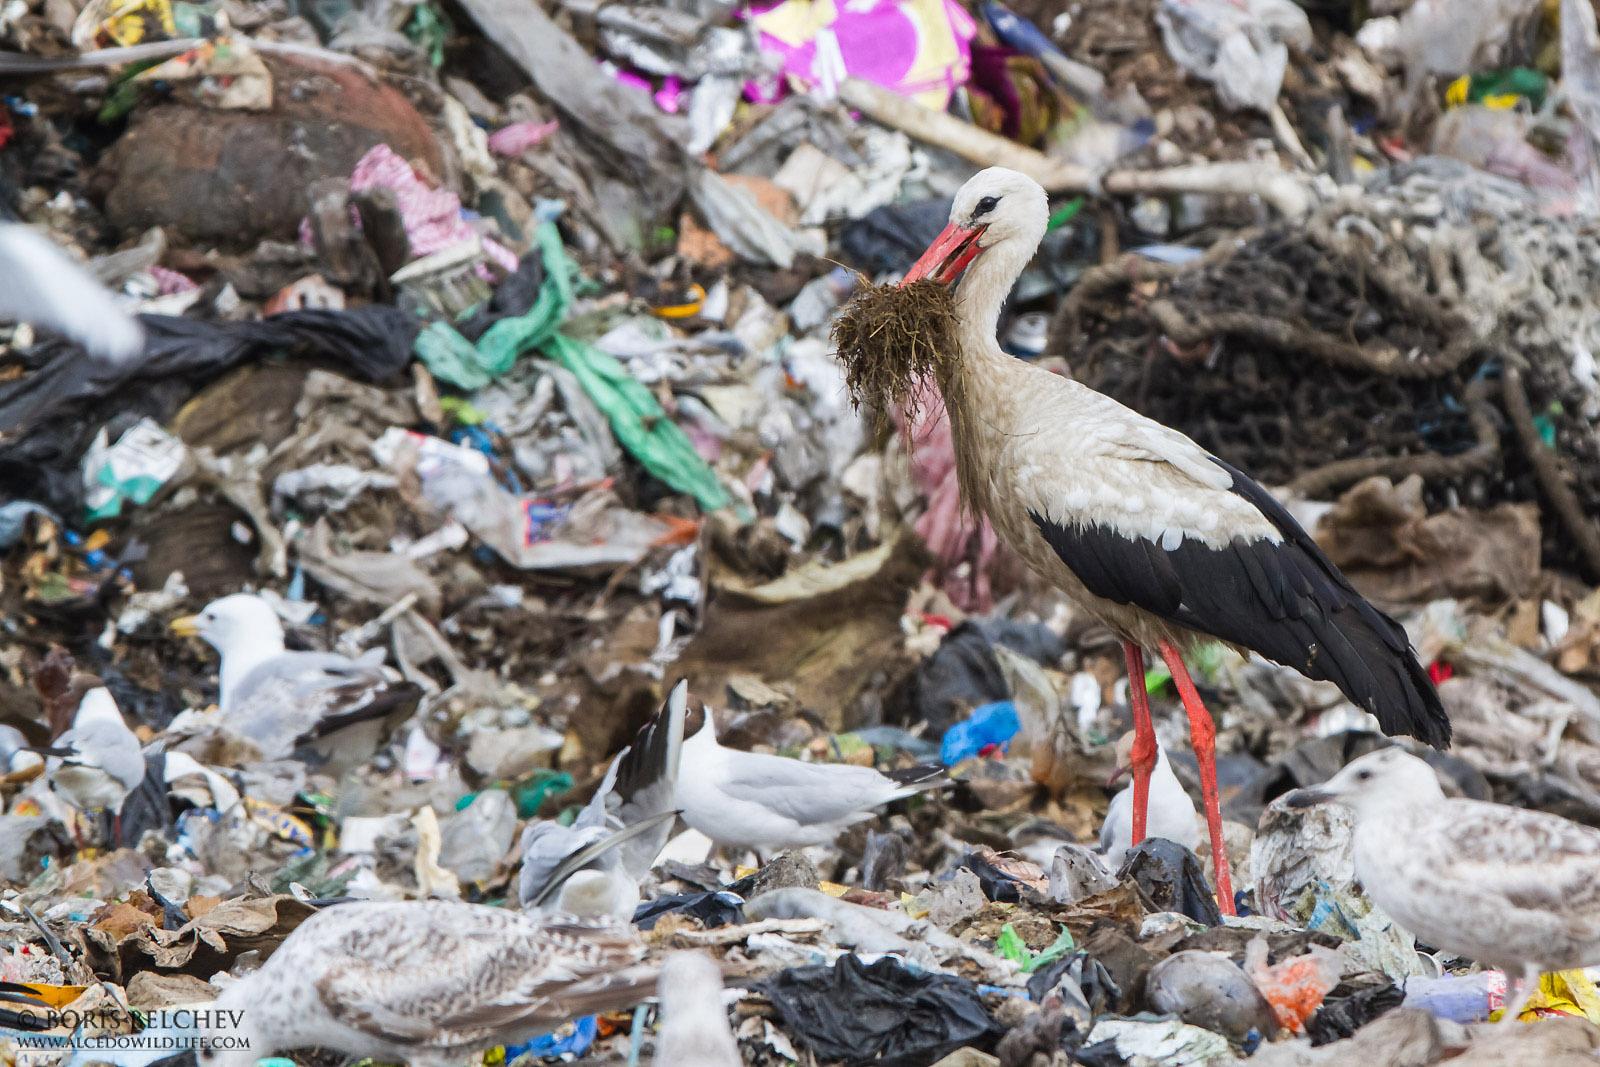 Weißstorch auf Müllseponie | Quelle: Boris Belchev -